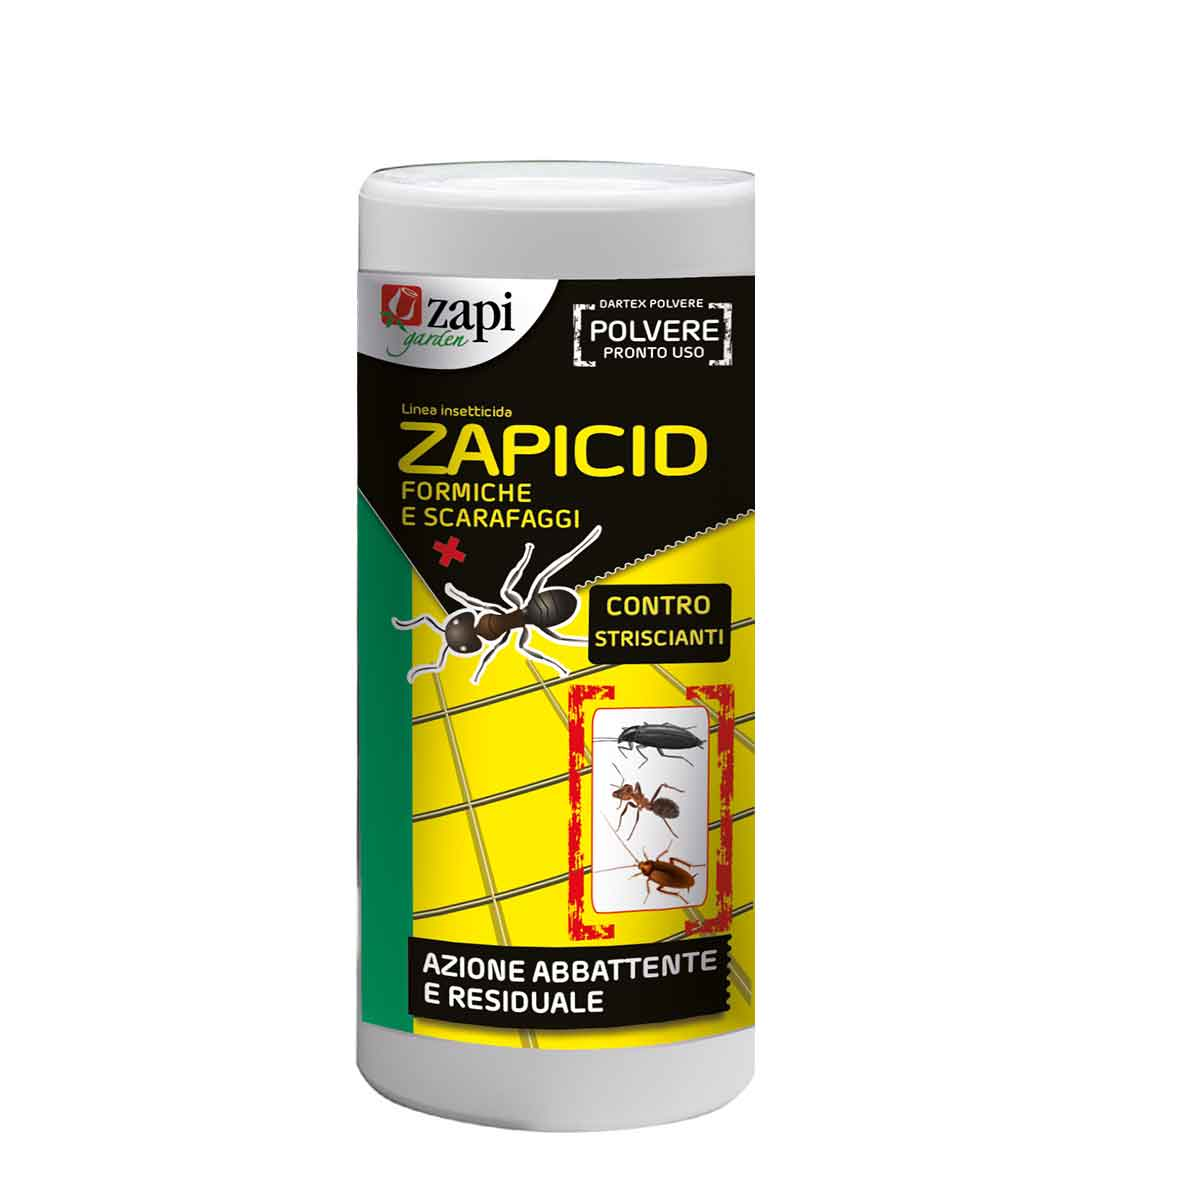 Zapi Zapicid Polvere Formiche